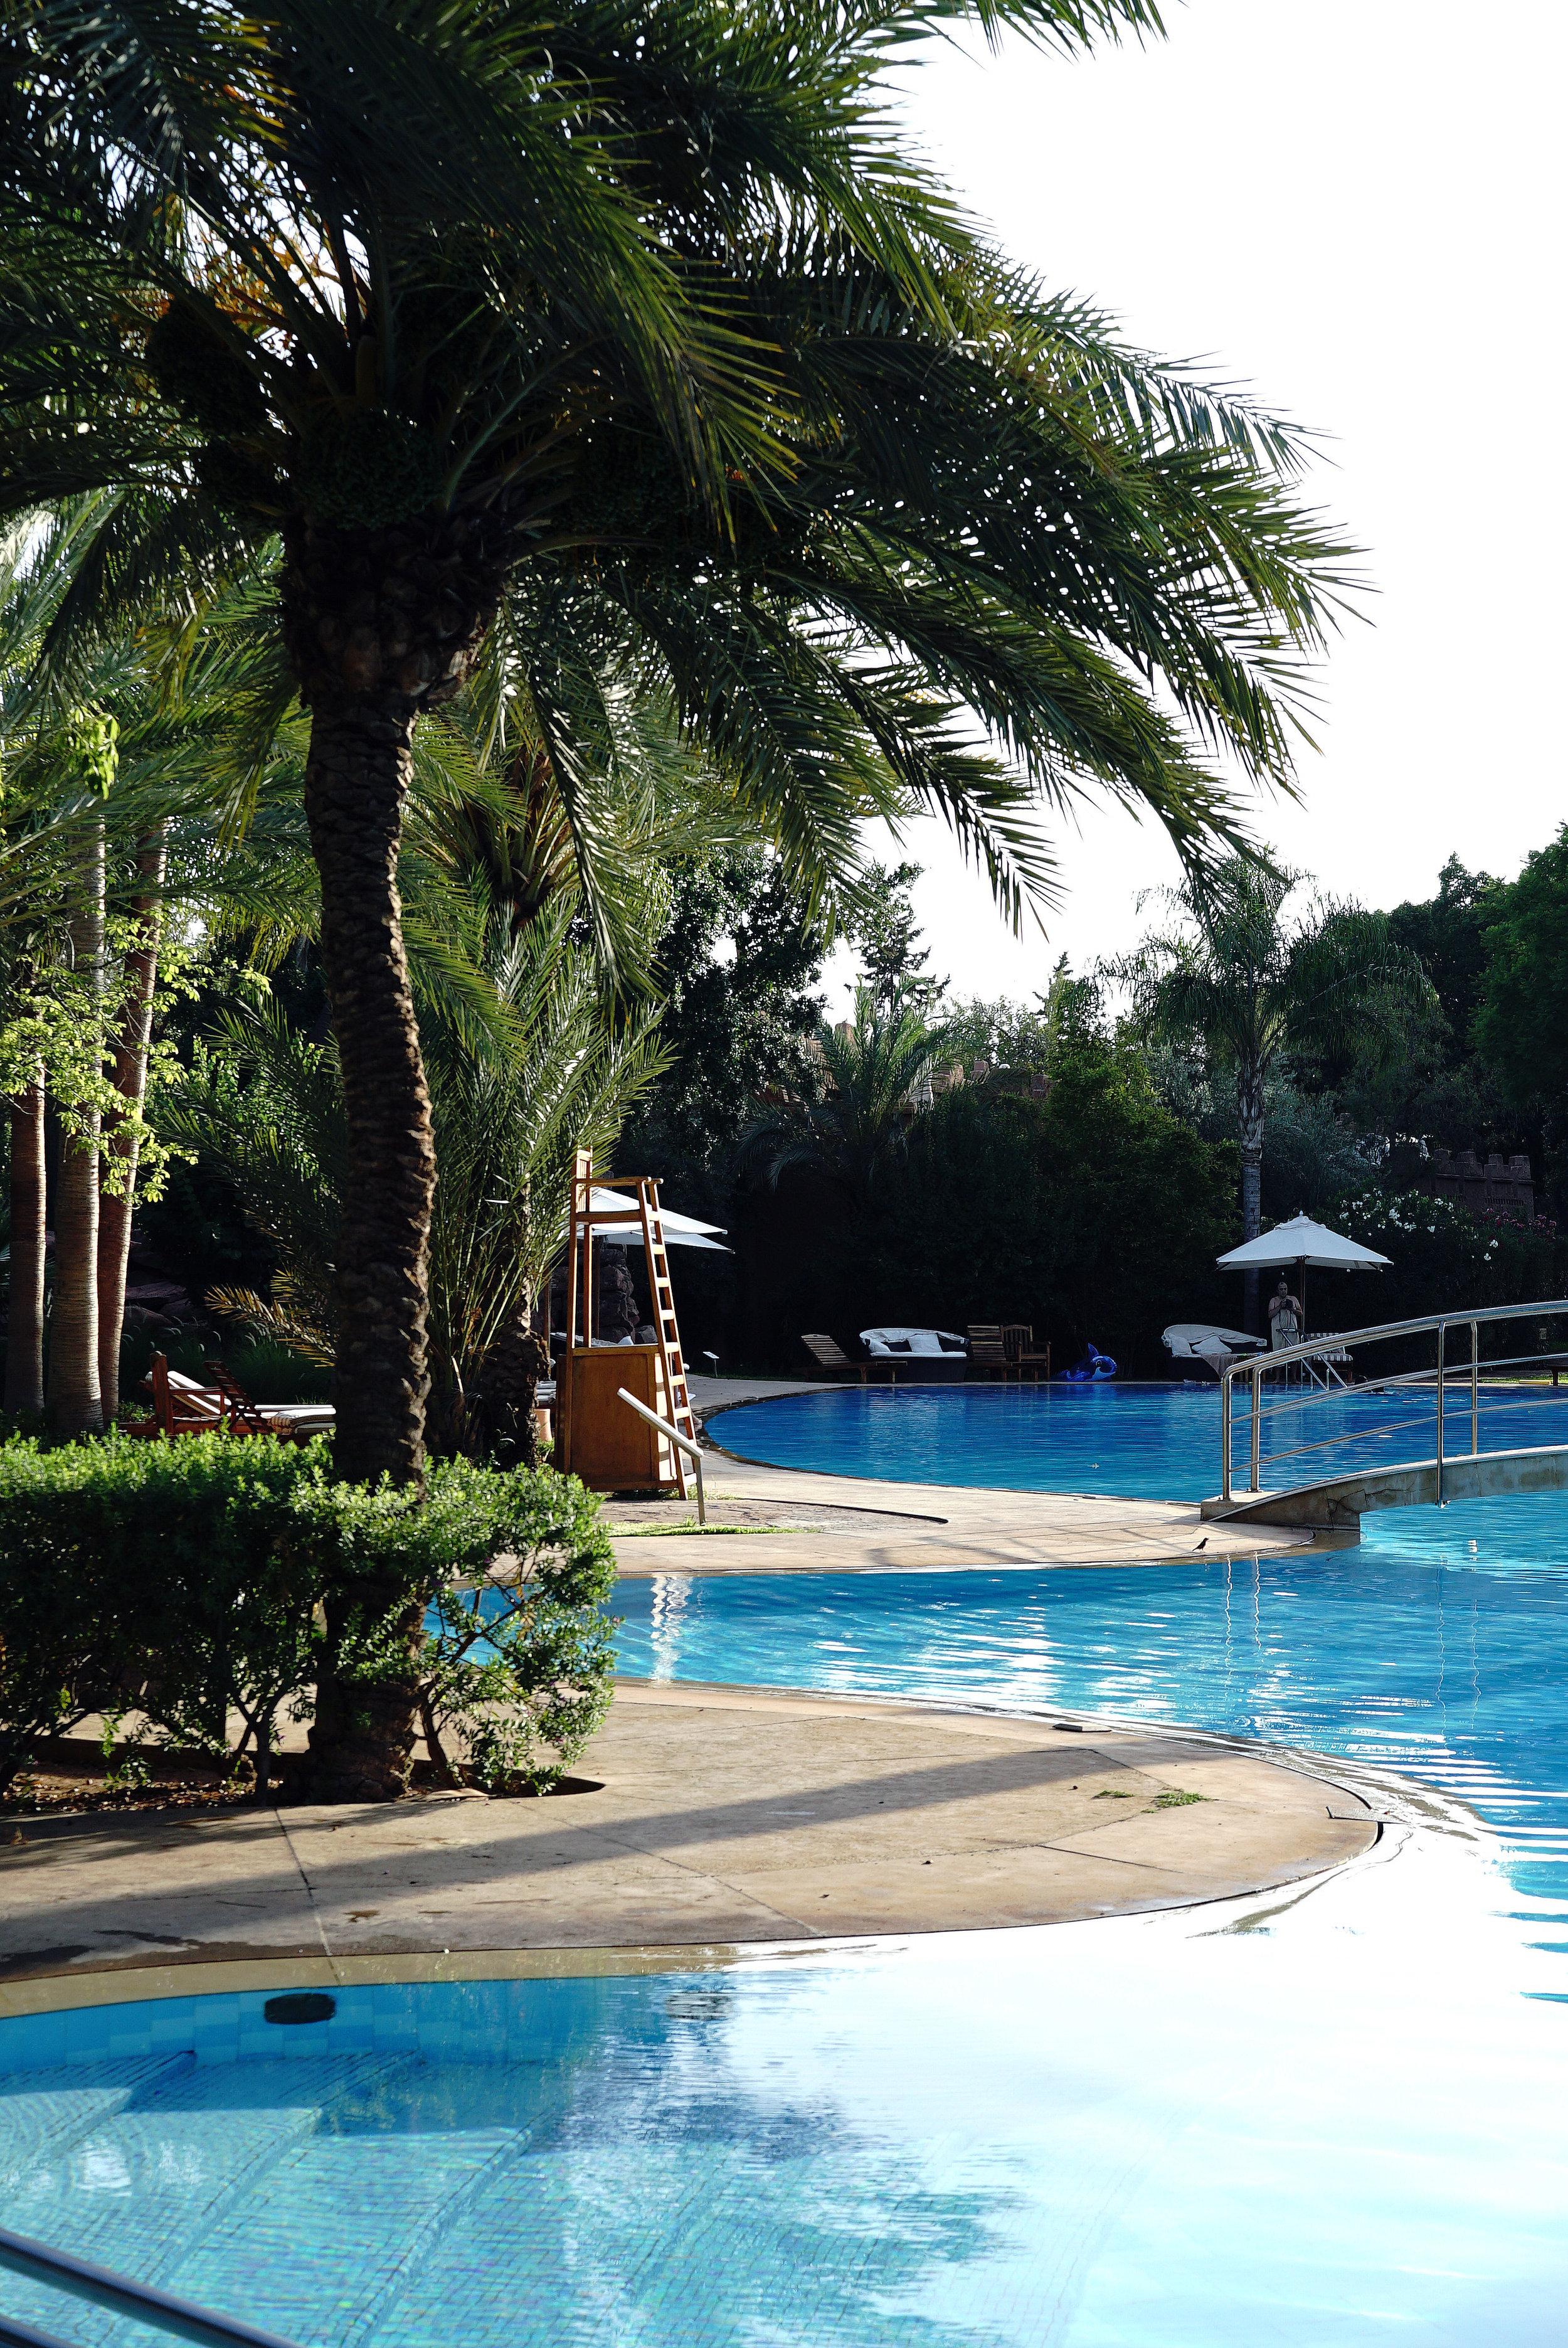 Es Saadi The Palace Swimming Pool 2.jpg